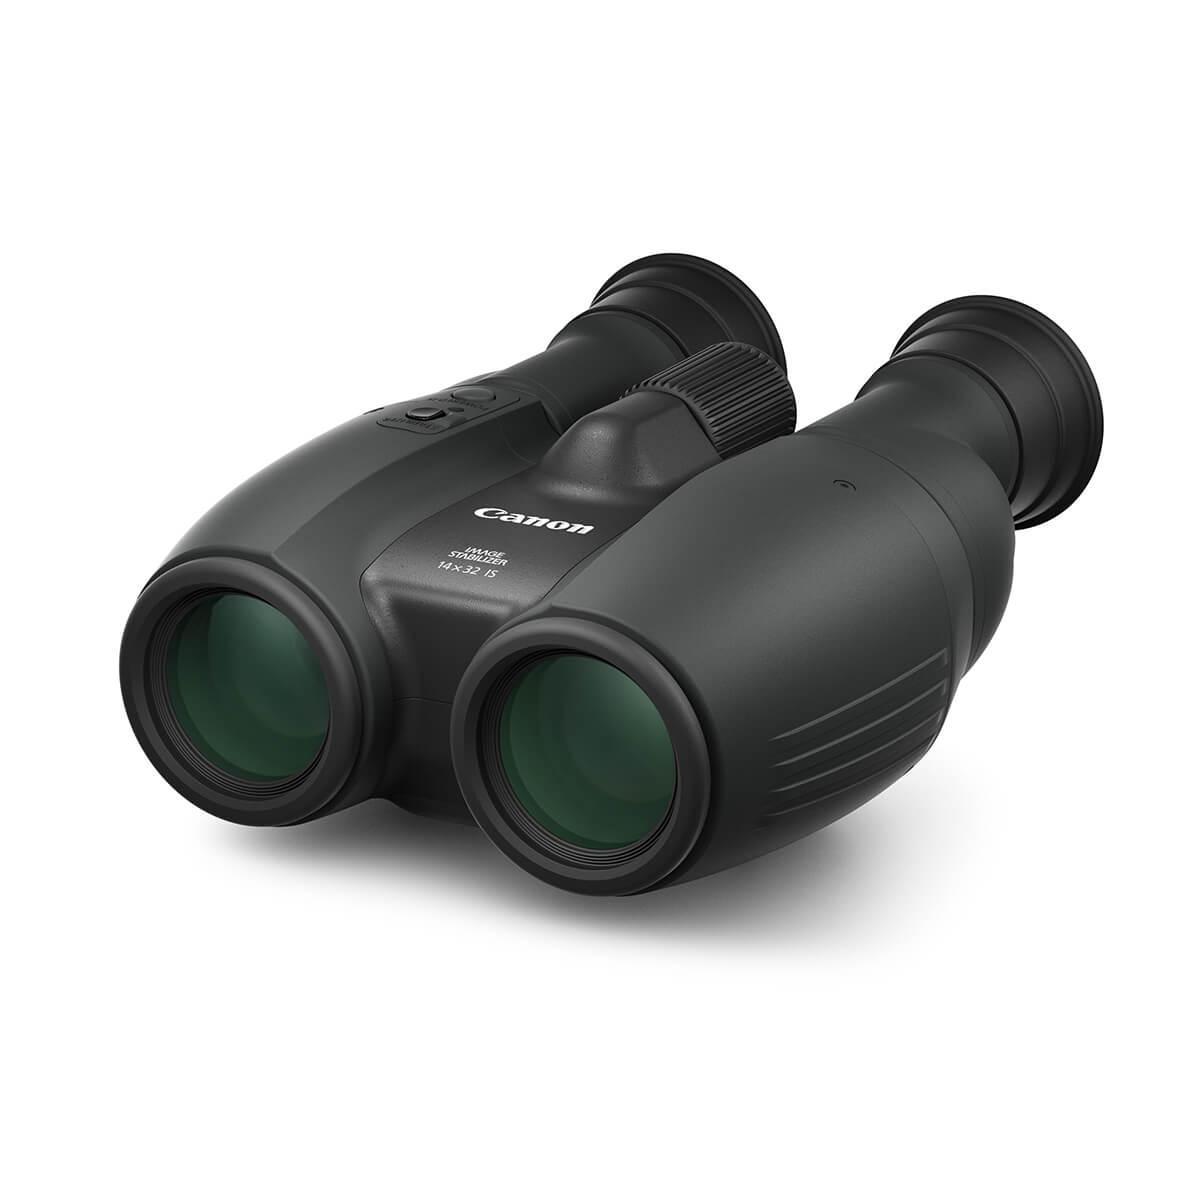 Canon 14x32 binoculars hero image